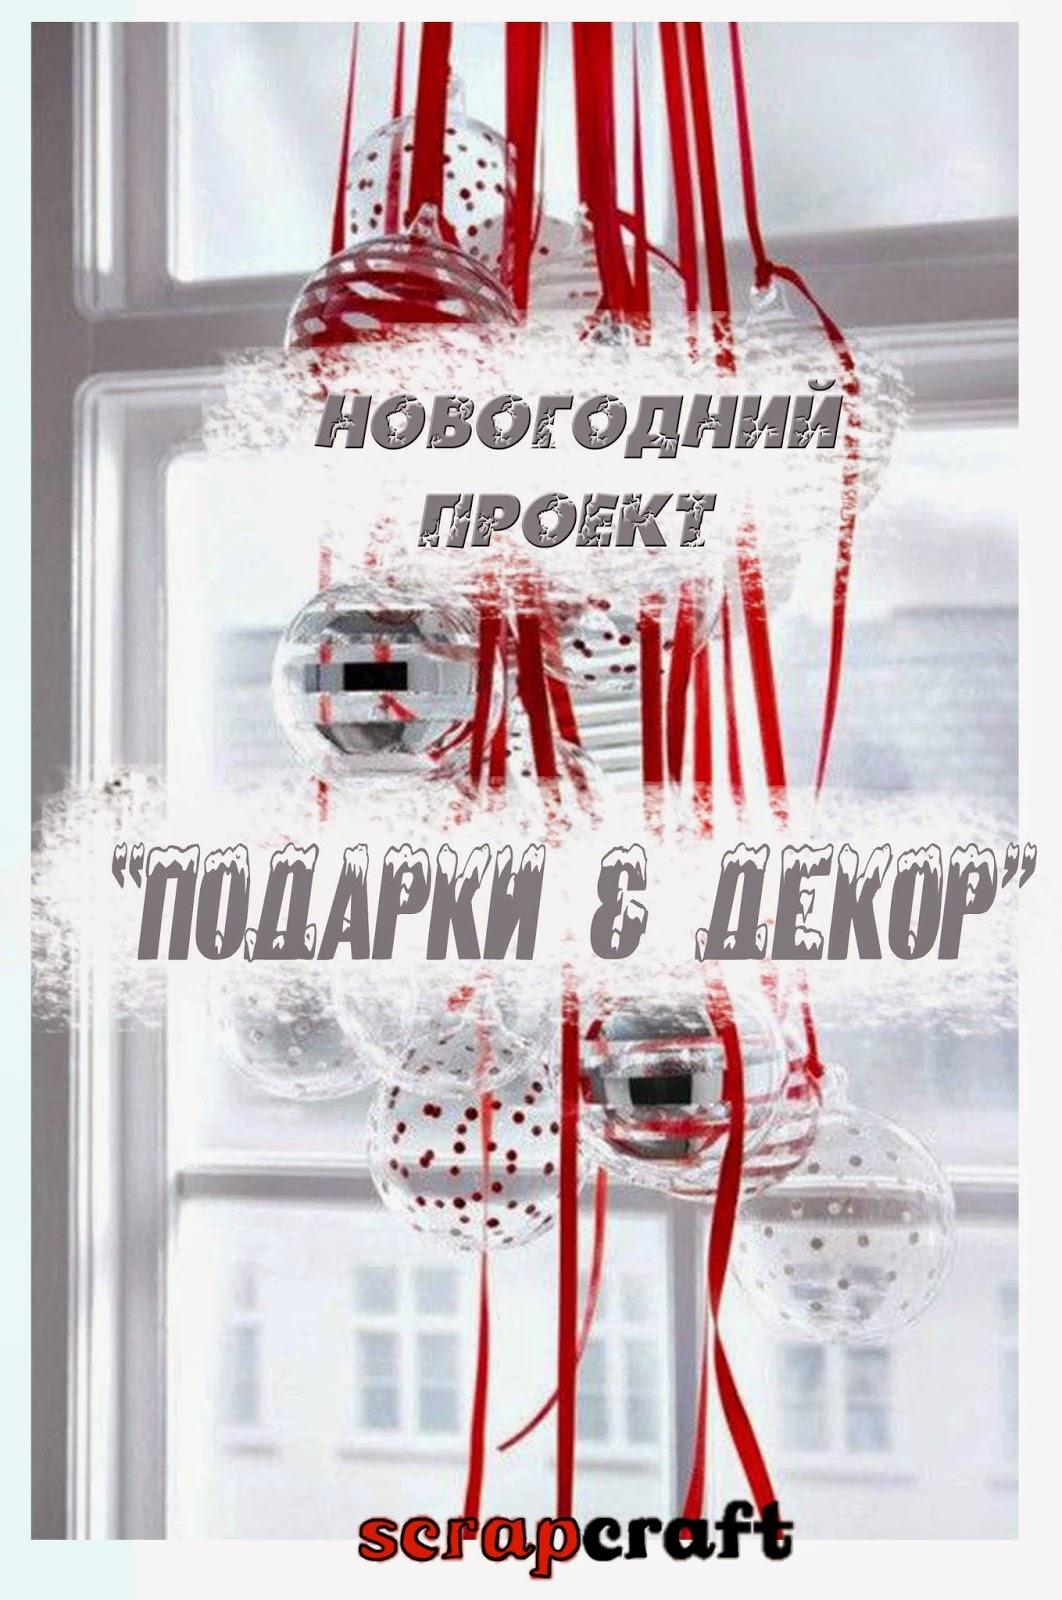 http://scrapcraft-ru.blogspot.com.es/2014/10/blog-post.html